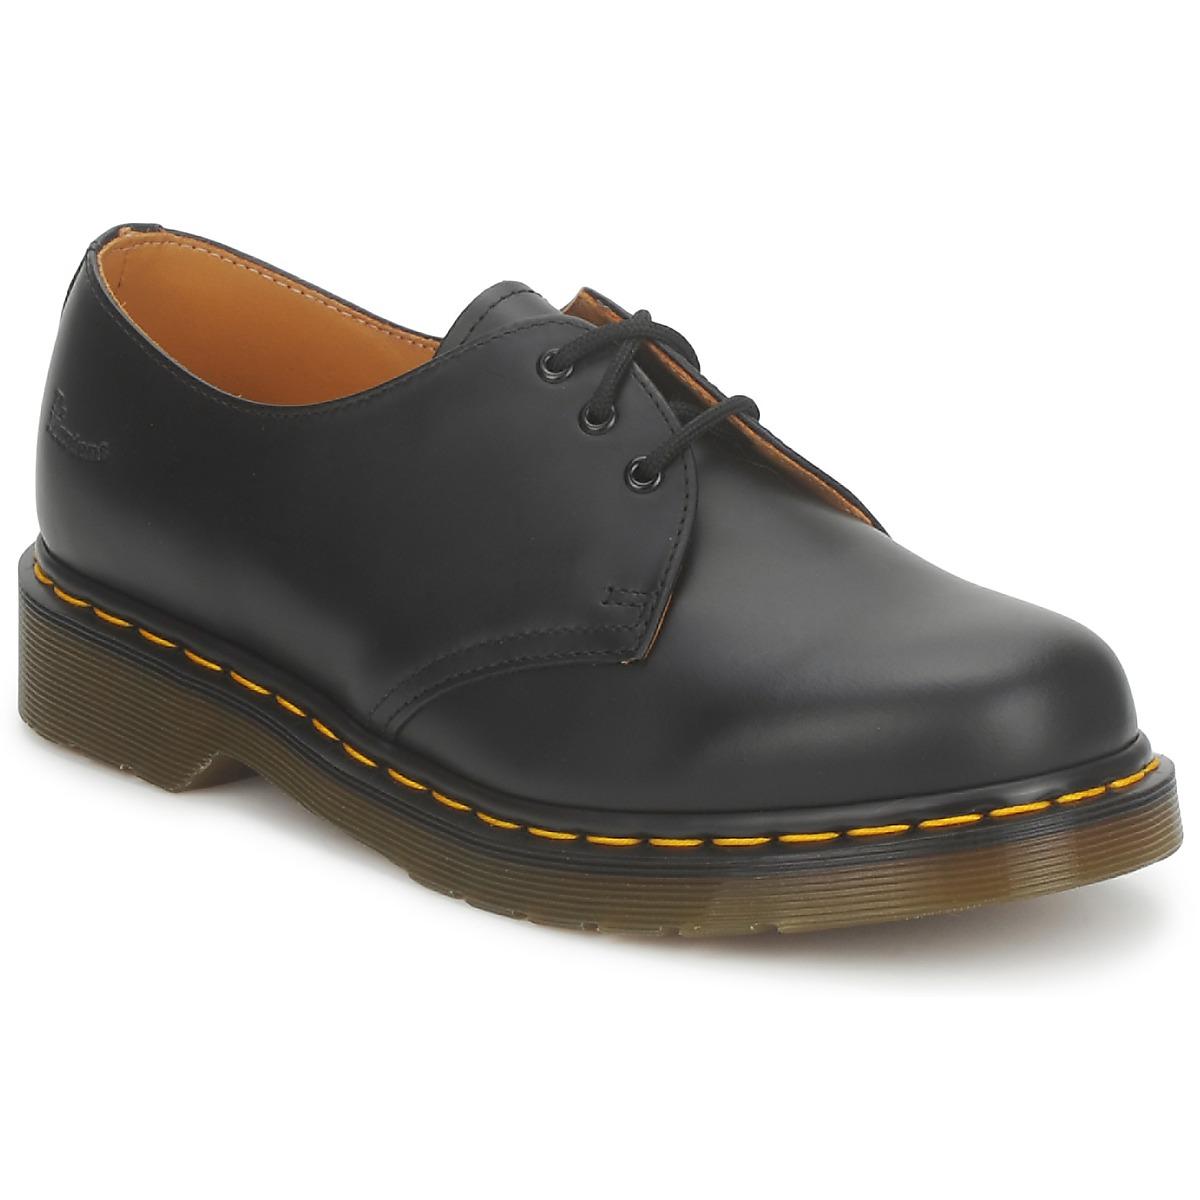 Chaussures noires fermées - Page 8 31199_1200_A